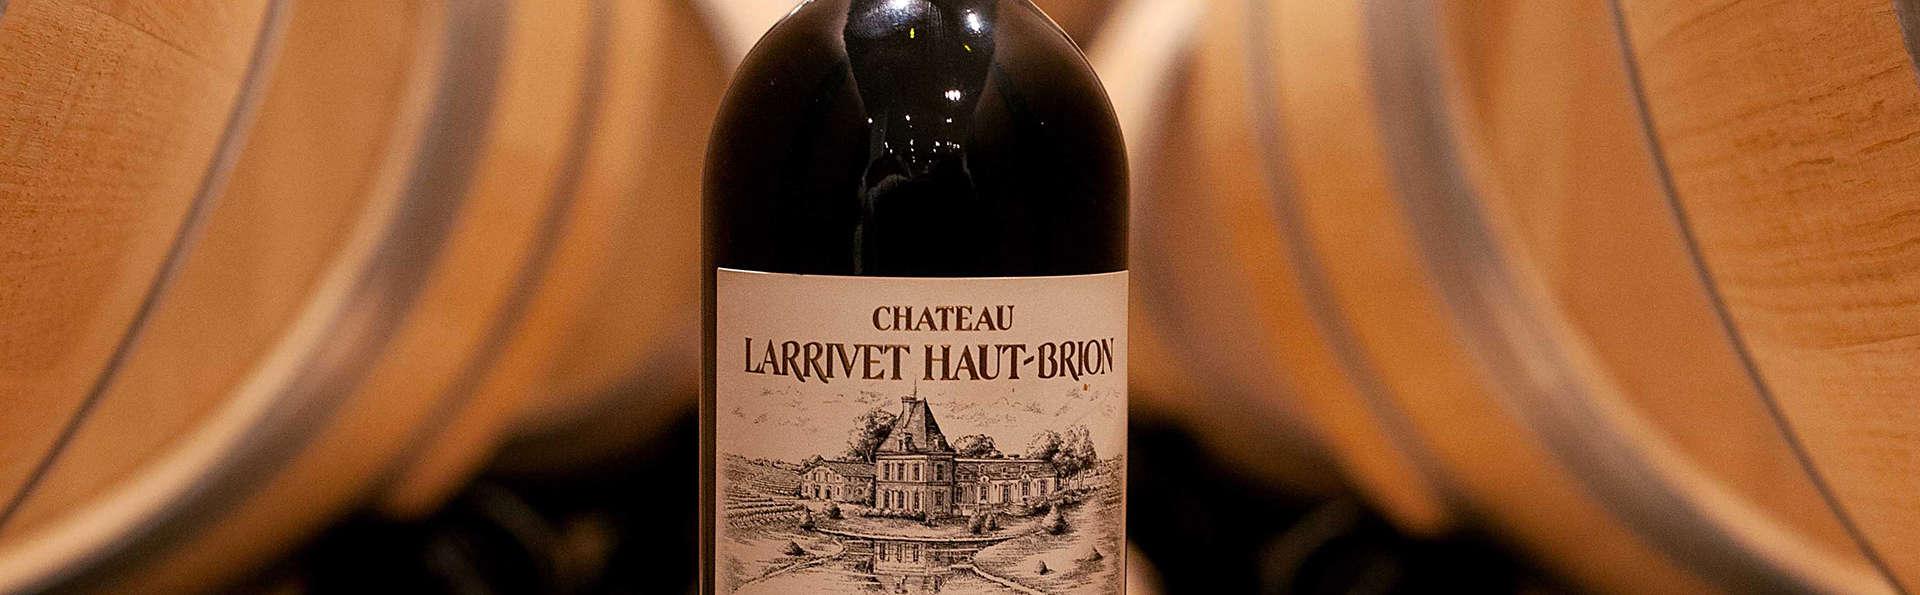 Week-end dégustation au Château Larrivet Haut-Brion dans les quartiers du lac, à Bordeaux